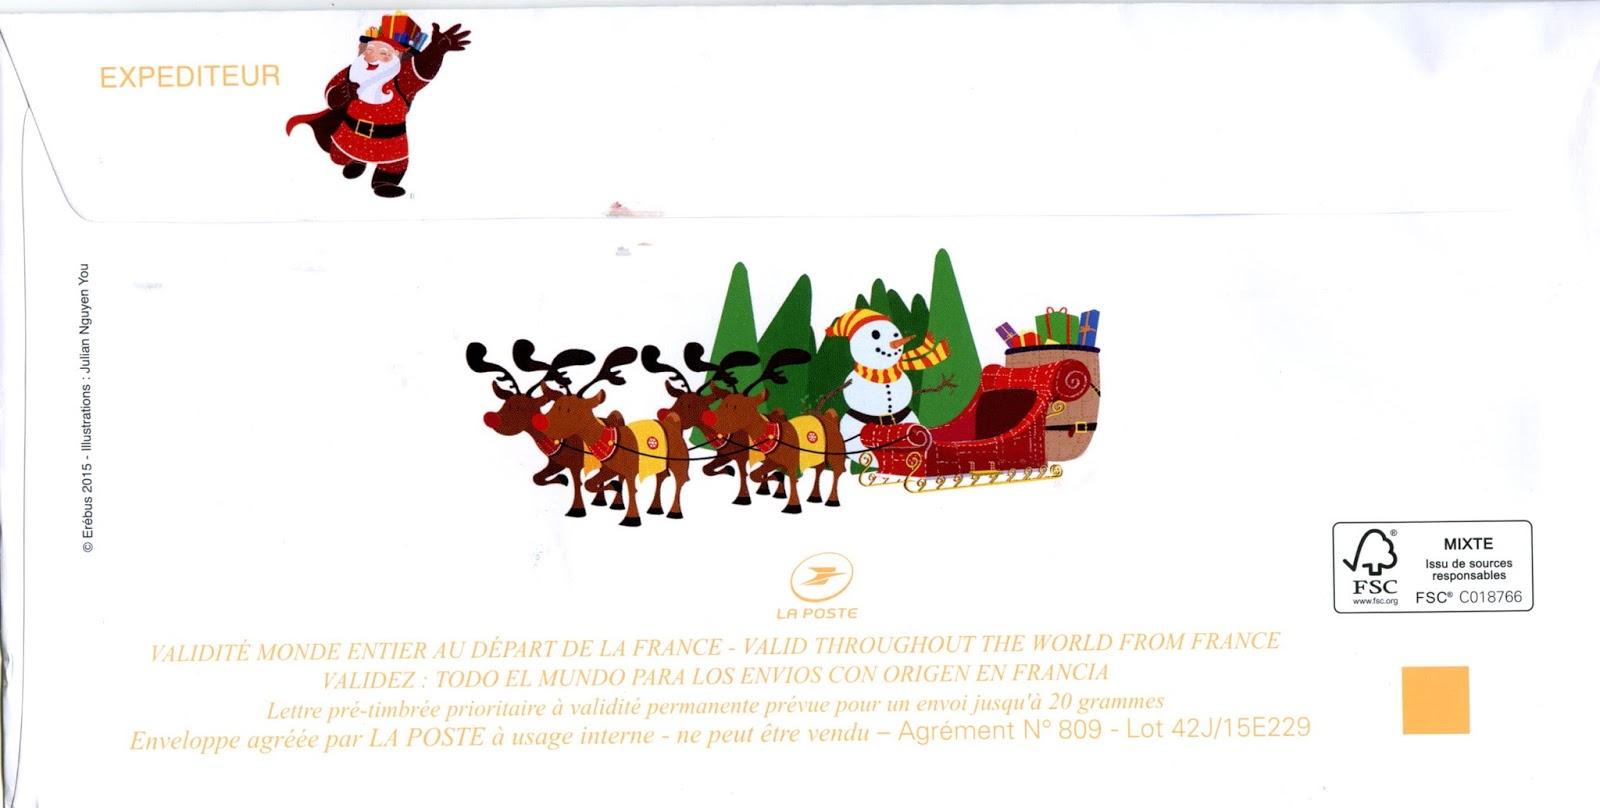 La Poste Lettre Aux Pere Noel.Lettre Au Pere Noel La Poste